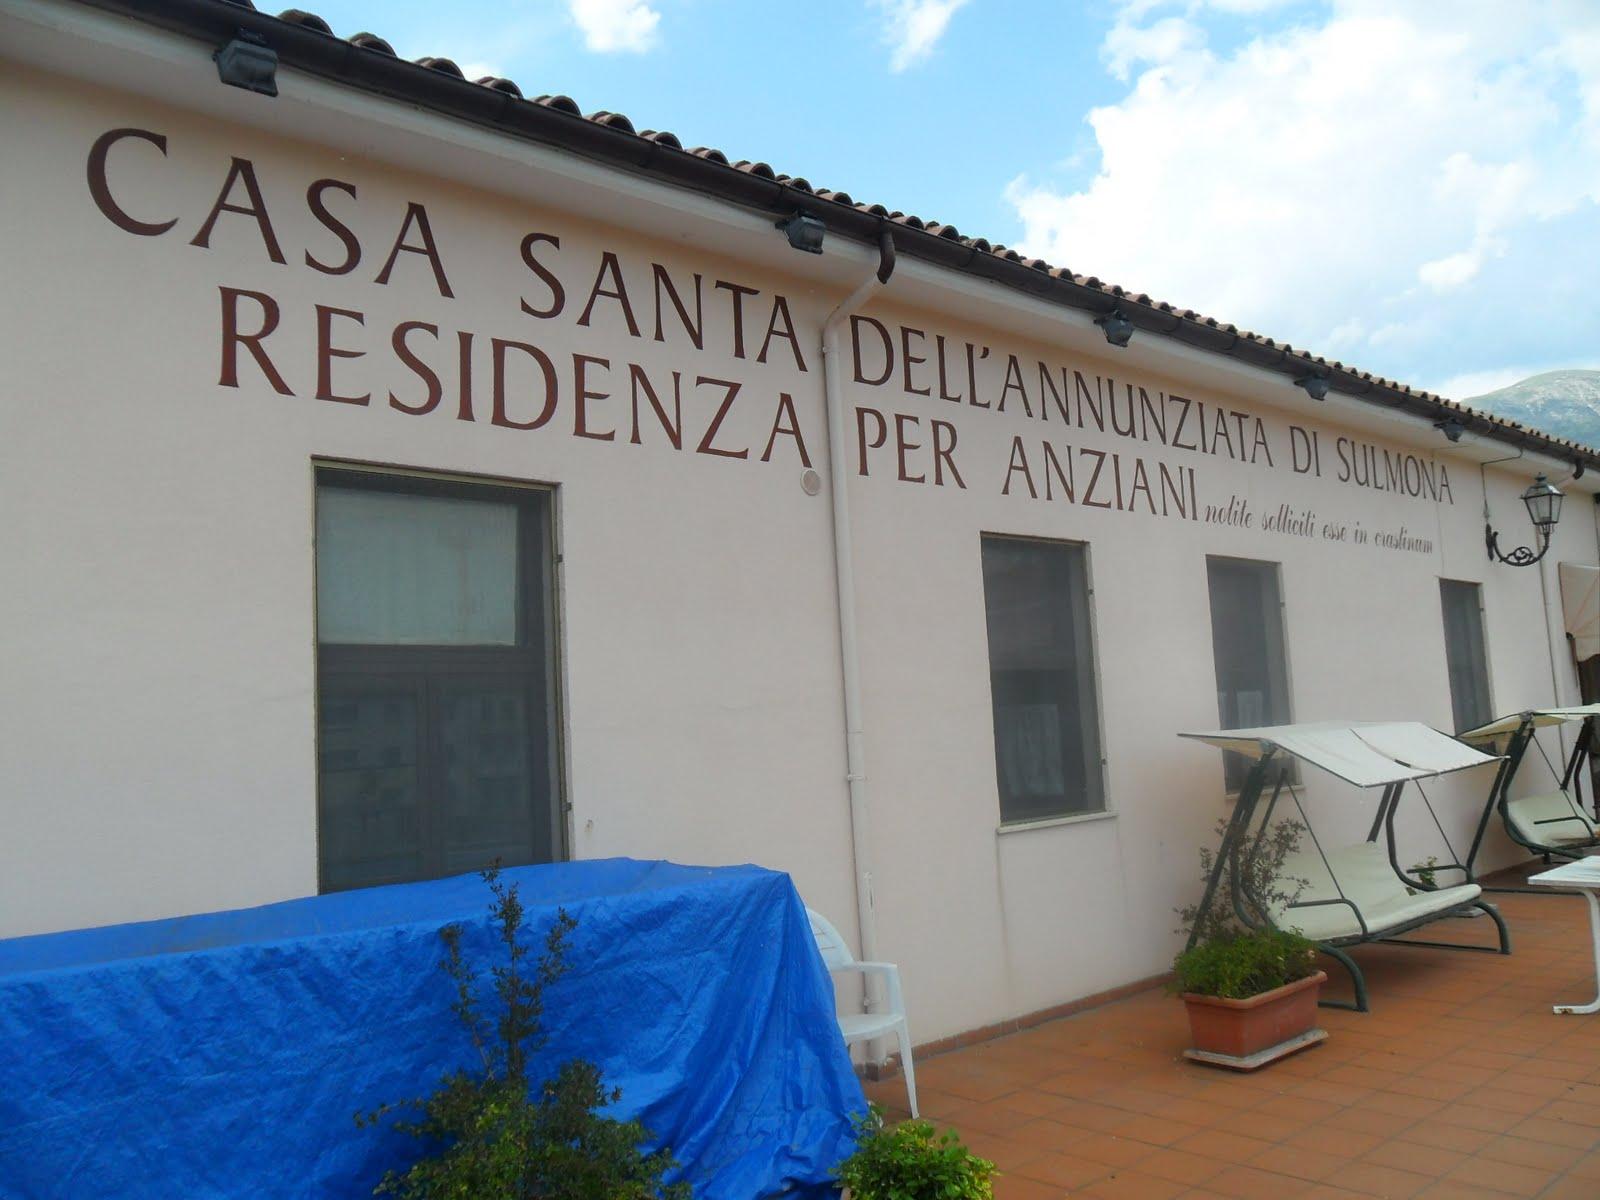 Matrimonio In Appello Streaming : Centroabruzzonews ex casa santa dell annunziata in